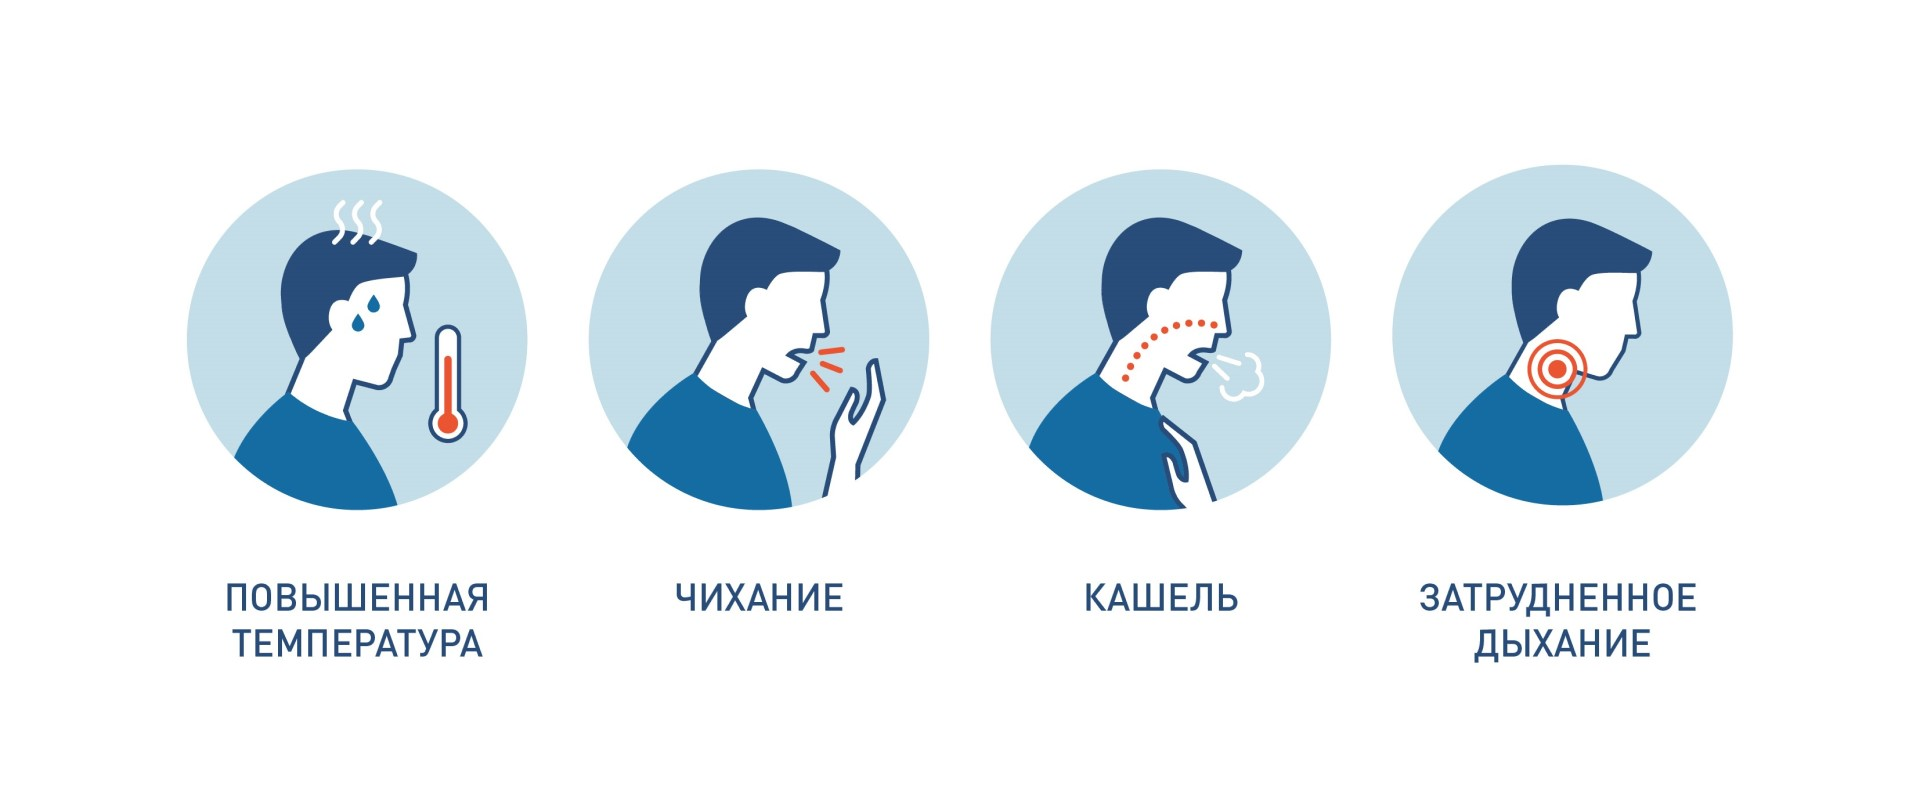 Если вы заболели: коронавирус, инструкция по выживанию. лечение от коронавируса дома и в больнице